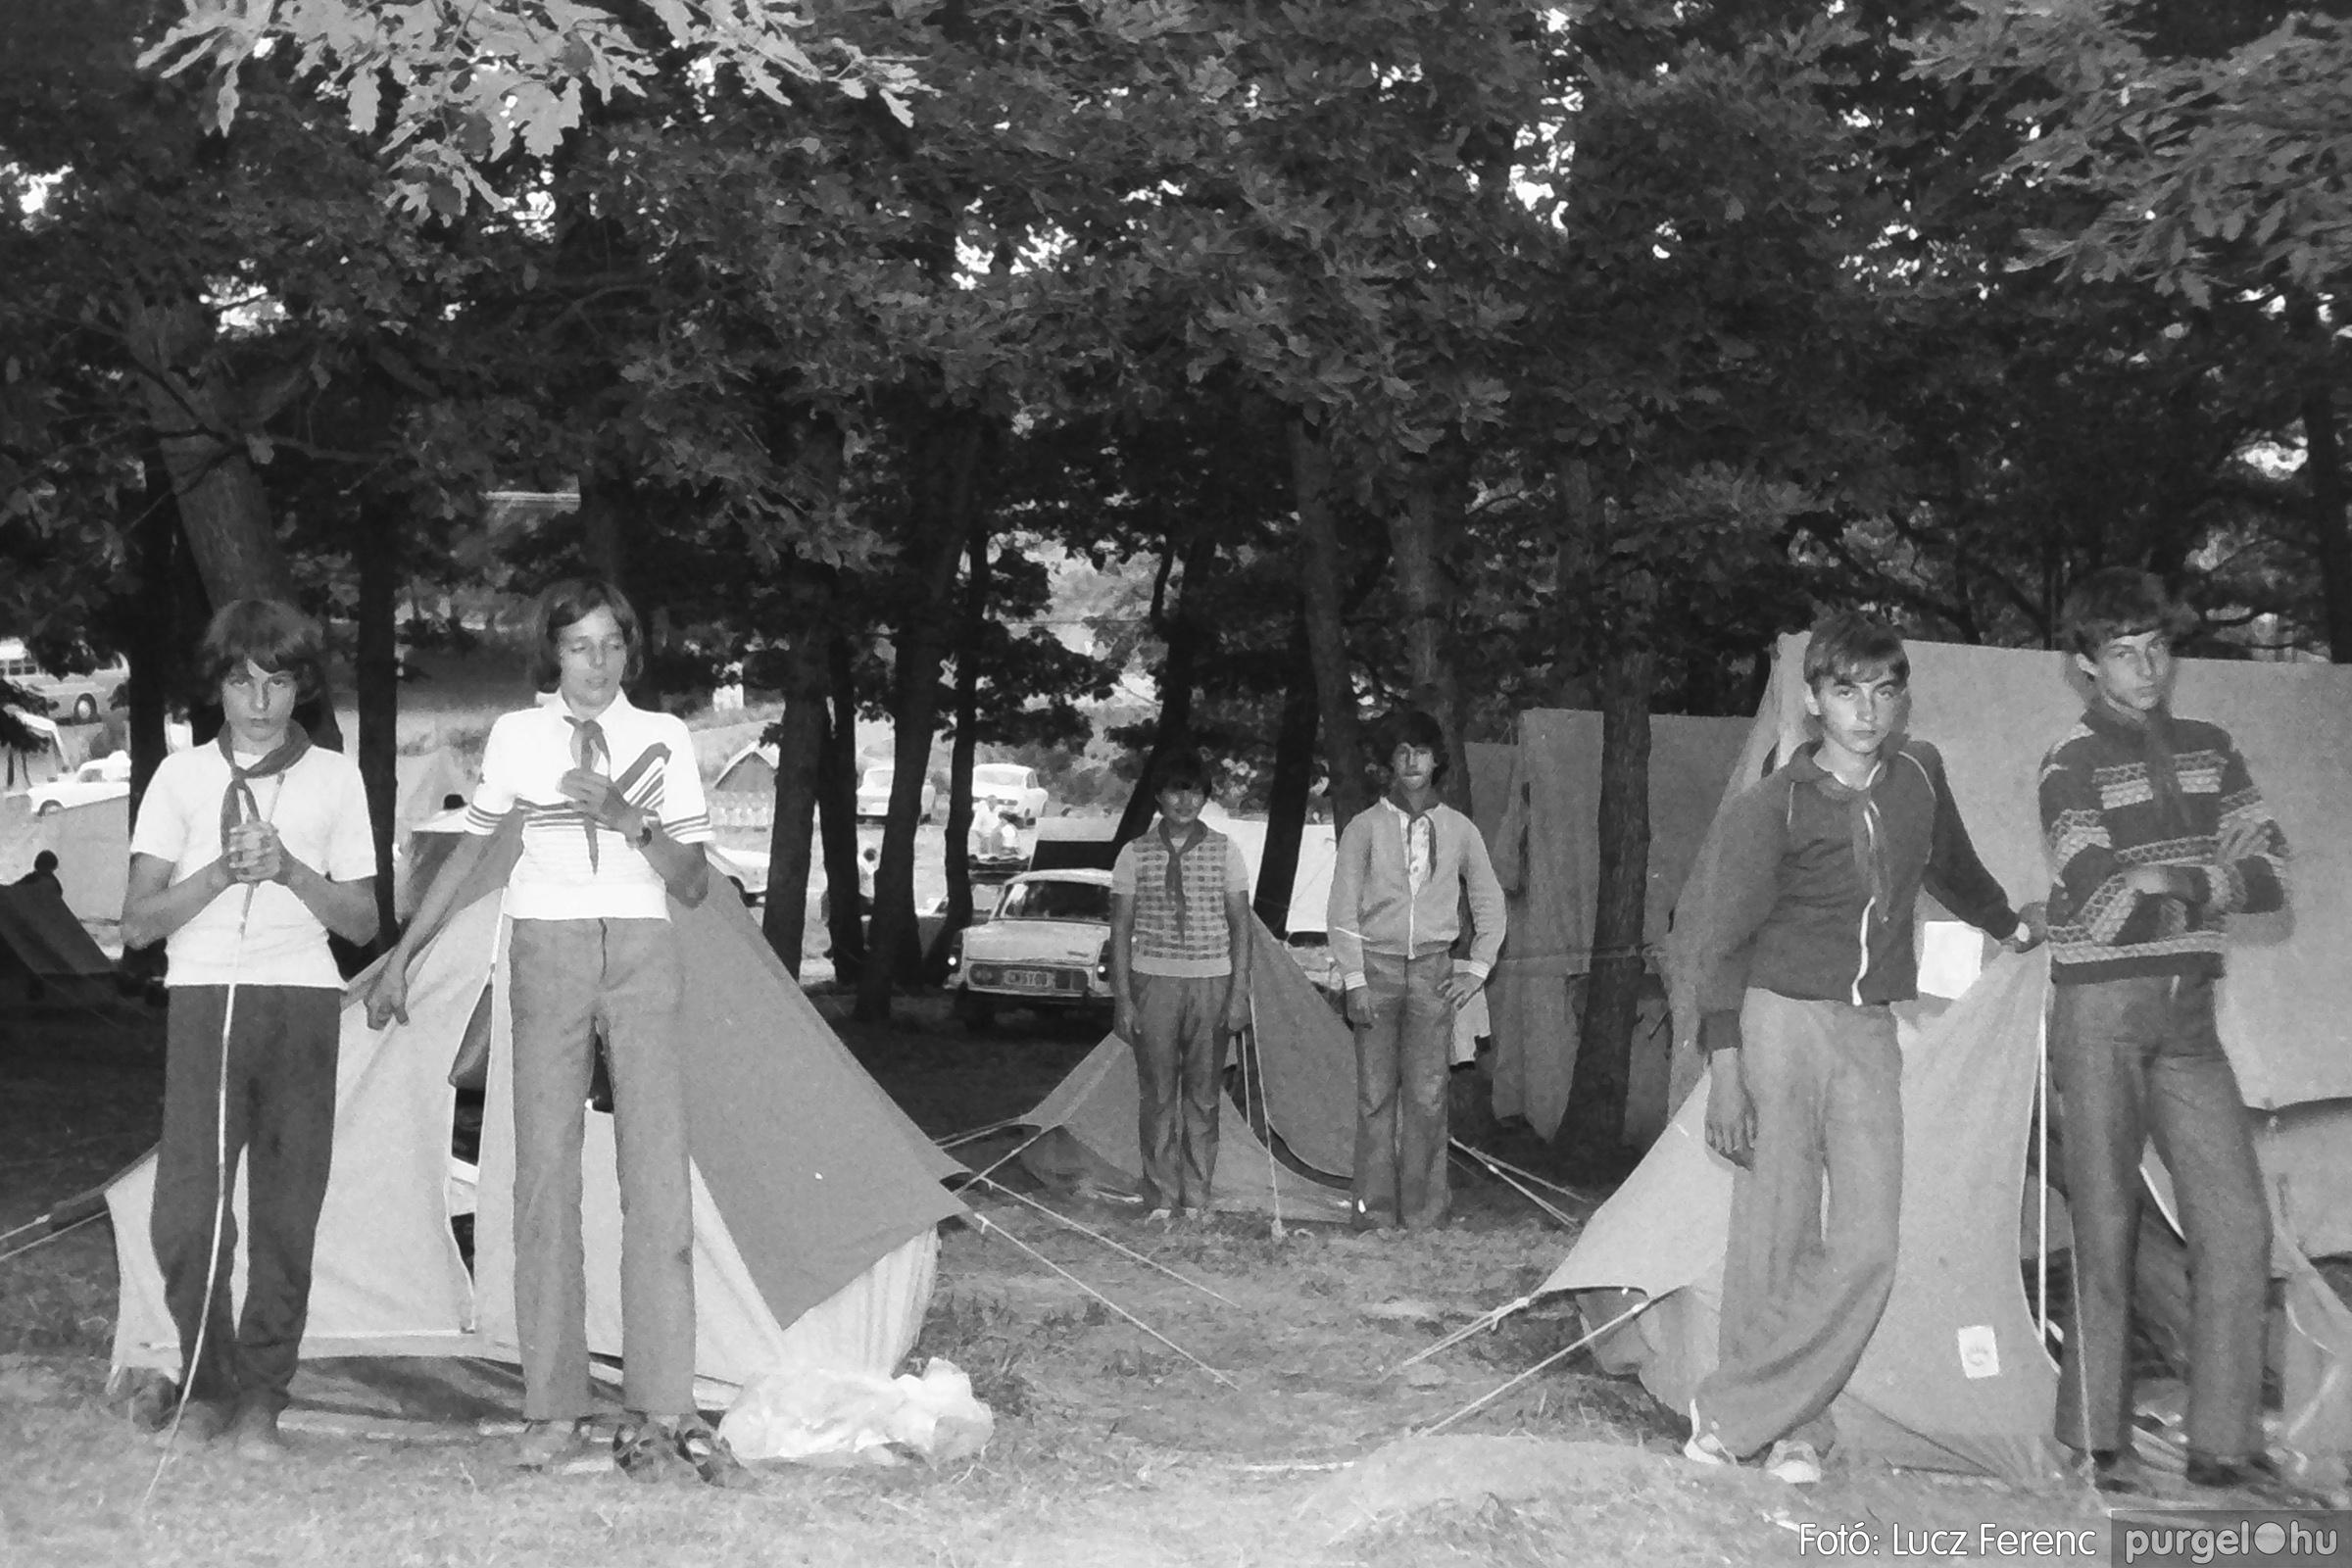 086, 088. 1977. Nyári tábor a Mátrában 046. - Fotó: Lucz Ferenc.jpg